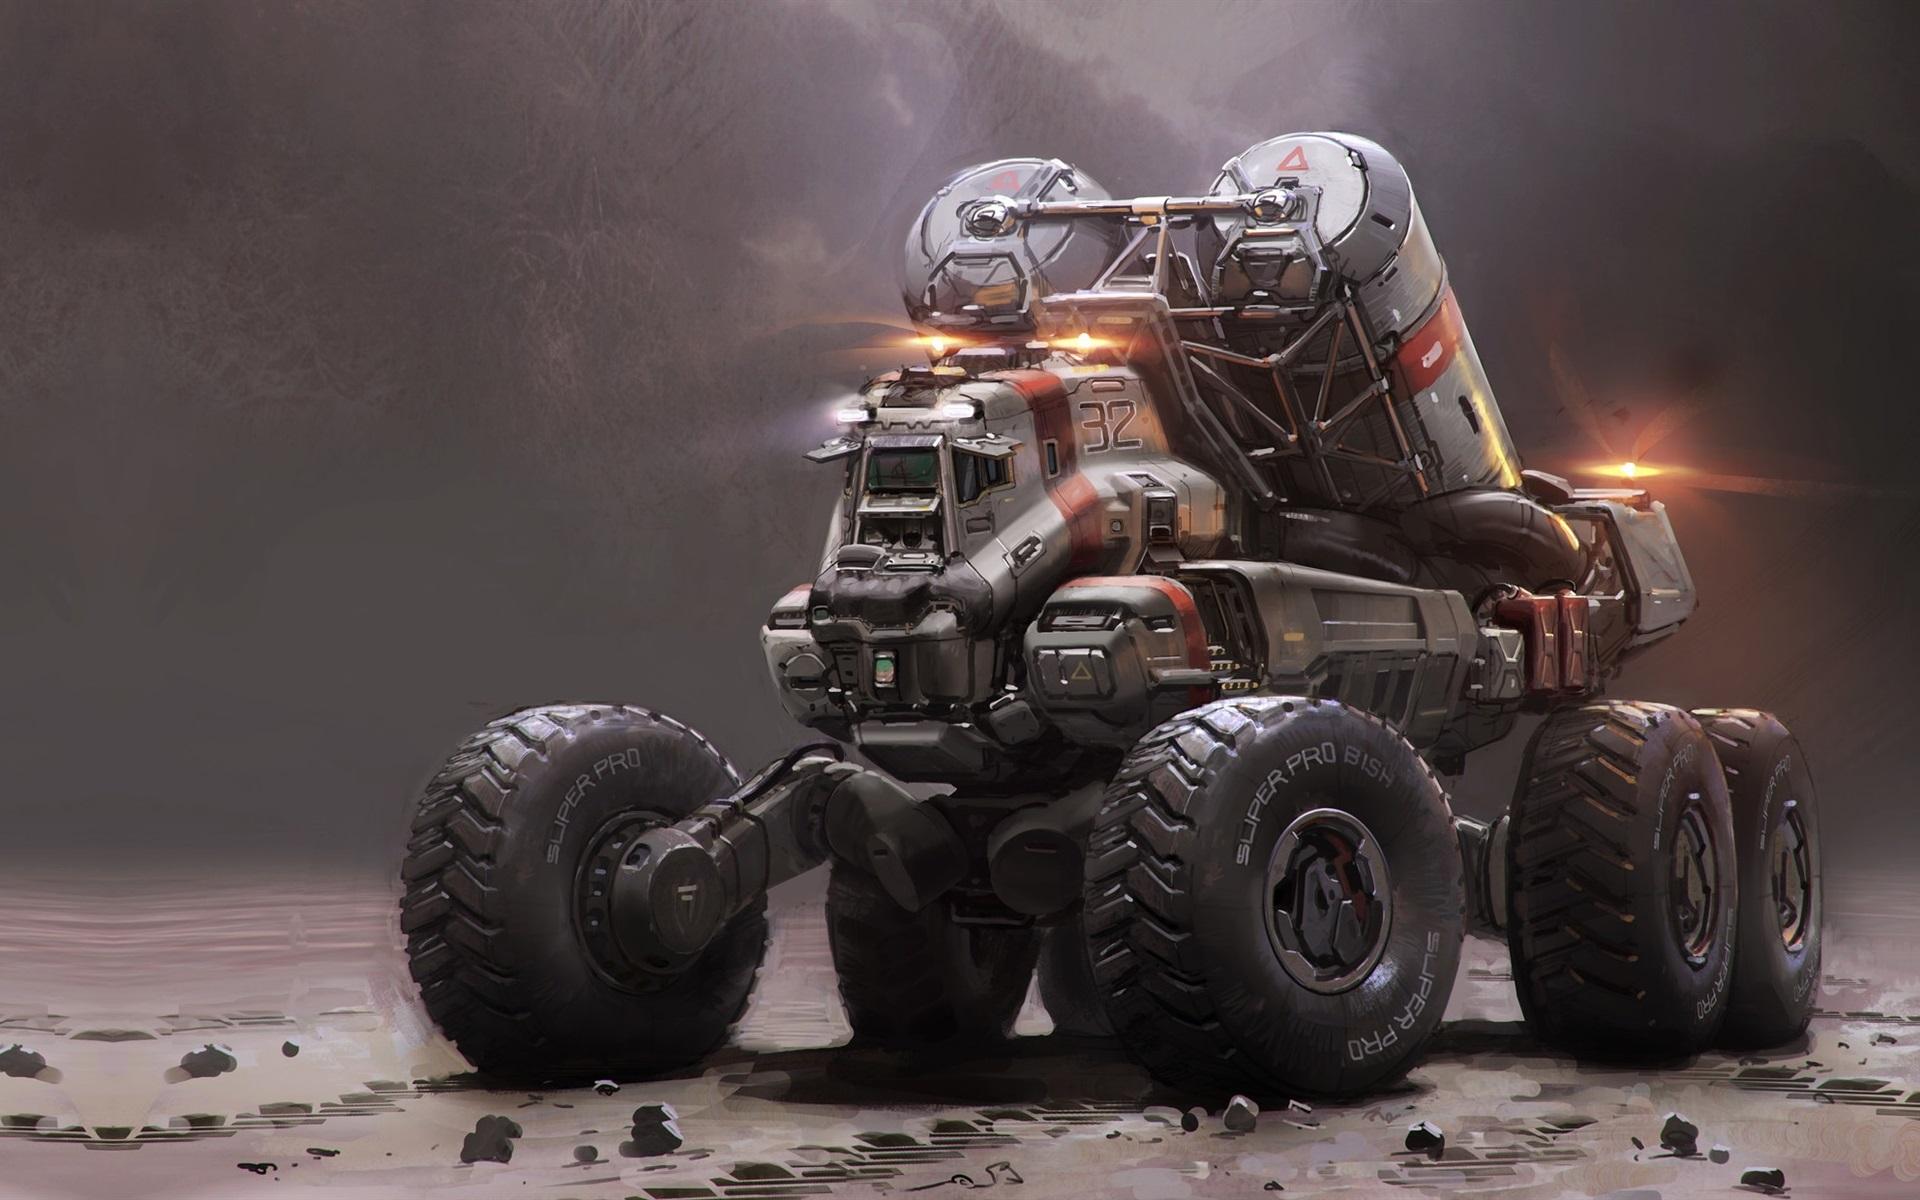 Halo Hd Fondos De Pantalla: Fondos De Pantalla Vehículo De Camiones Mineros, Halo 5